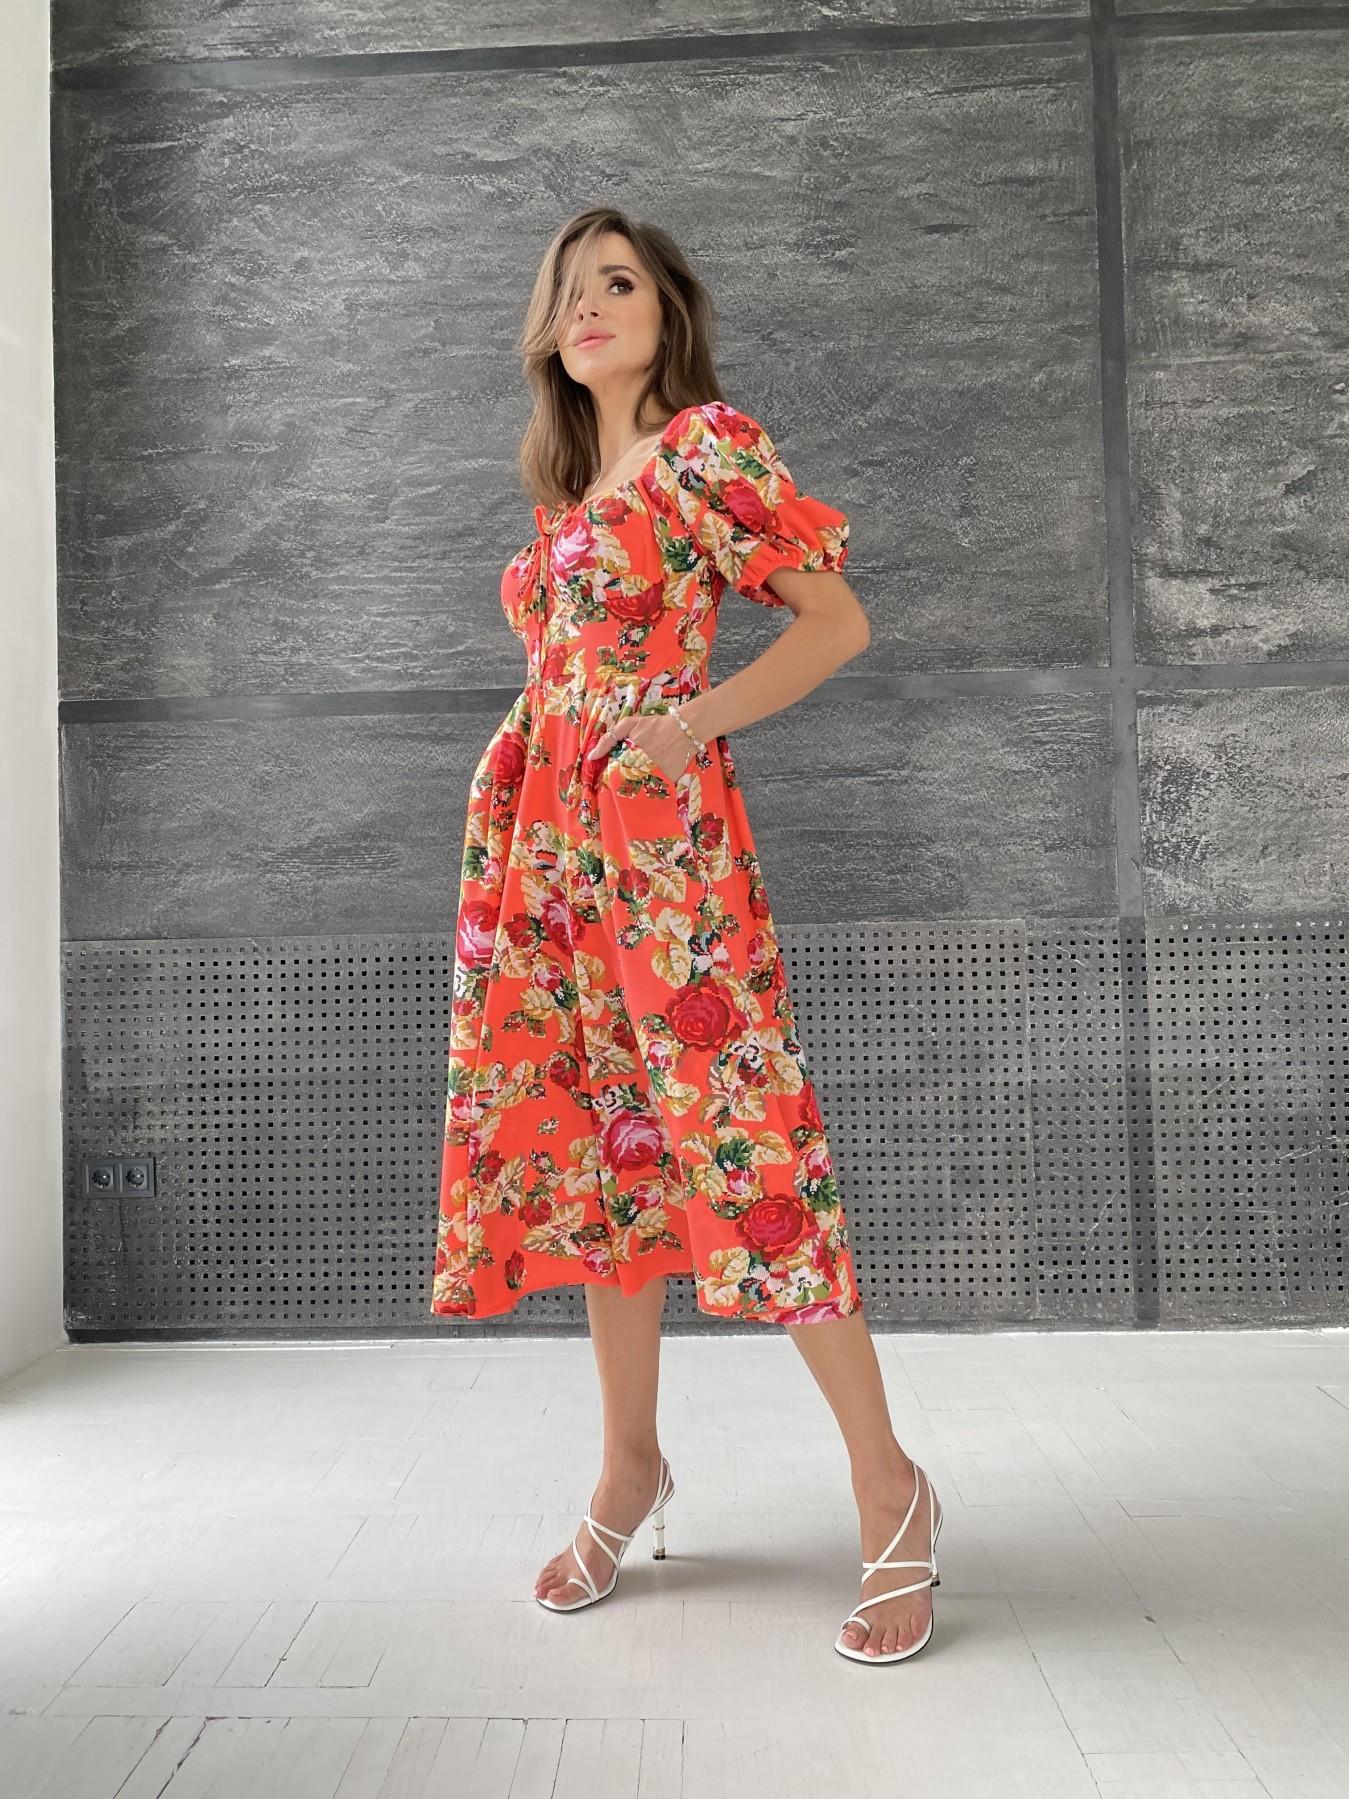 Кисес Миди платье из креп шифона в принт 11575 АРТ. 48316 Цвет: Коралл вышивка 4 - фото 6, интернет магазин tm-modus.ru